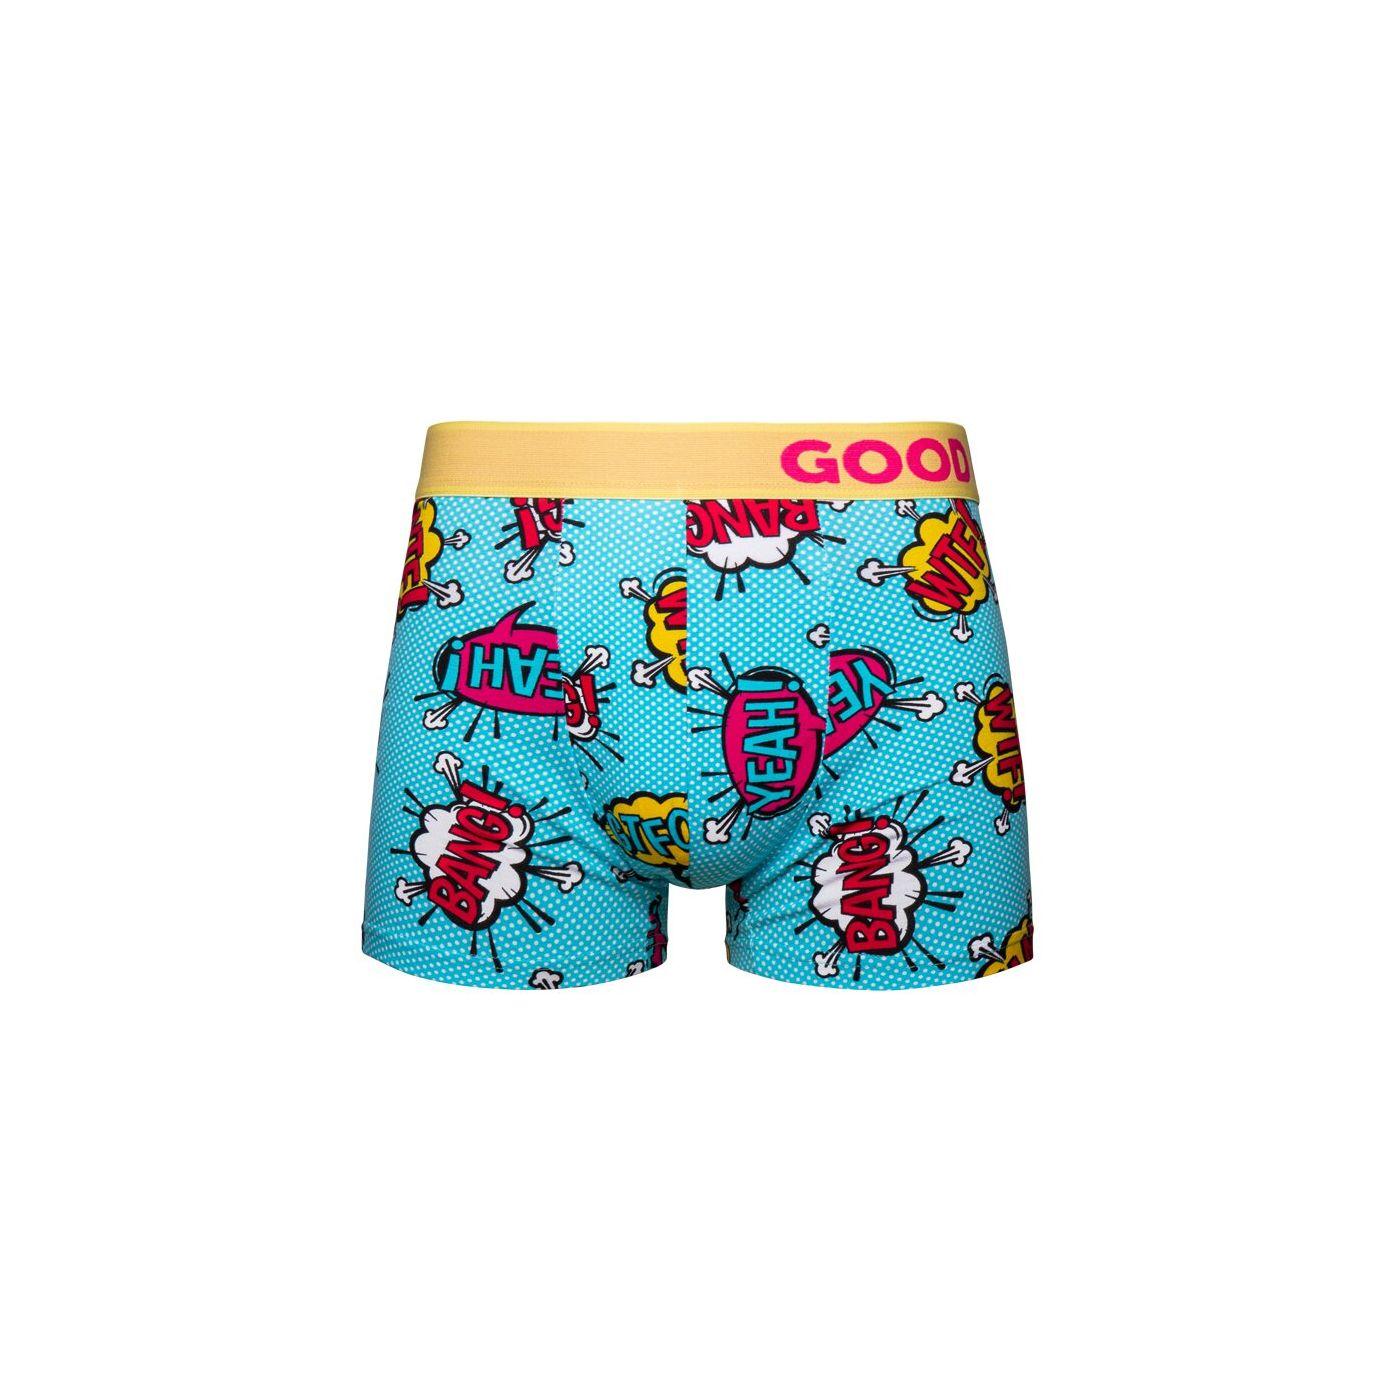 Men's trunks Good Mood